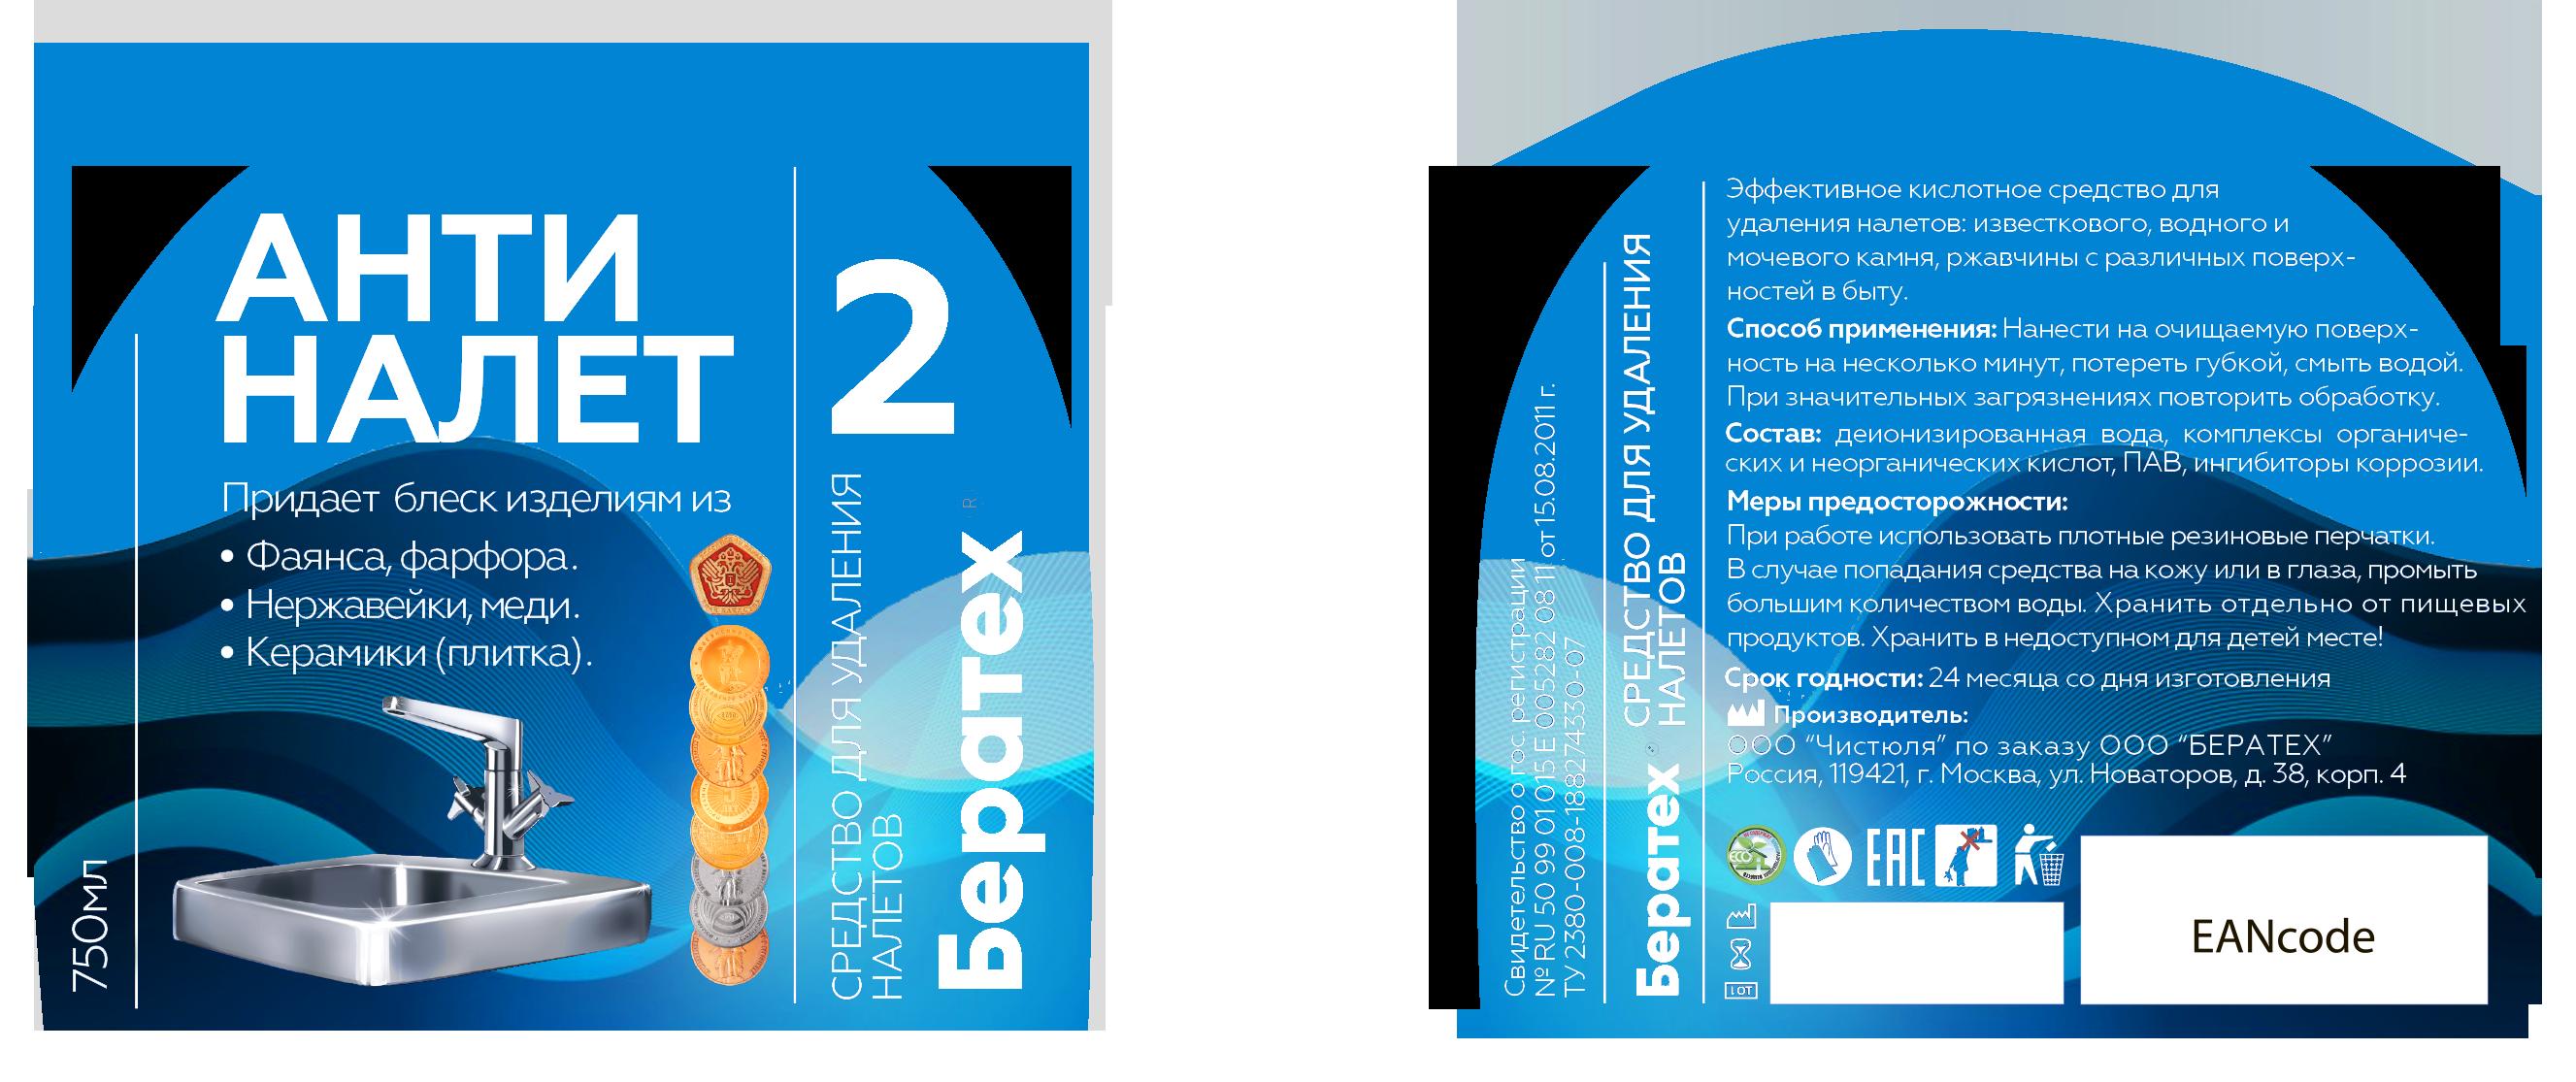 Дизайн этикеток для бытовой химии фото f_4955a5781ba4a89e.png